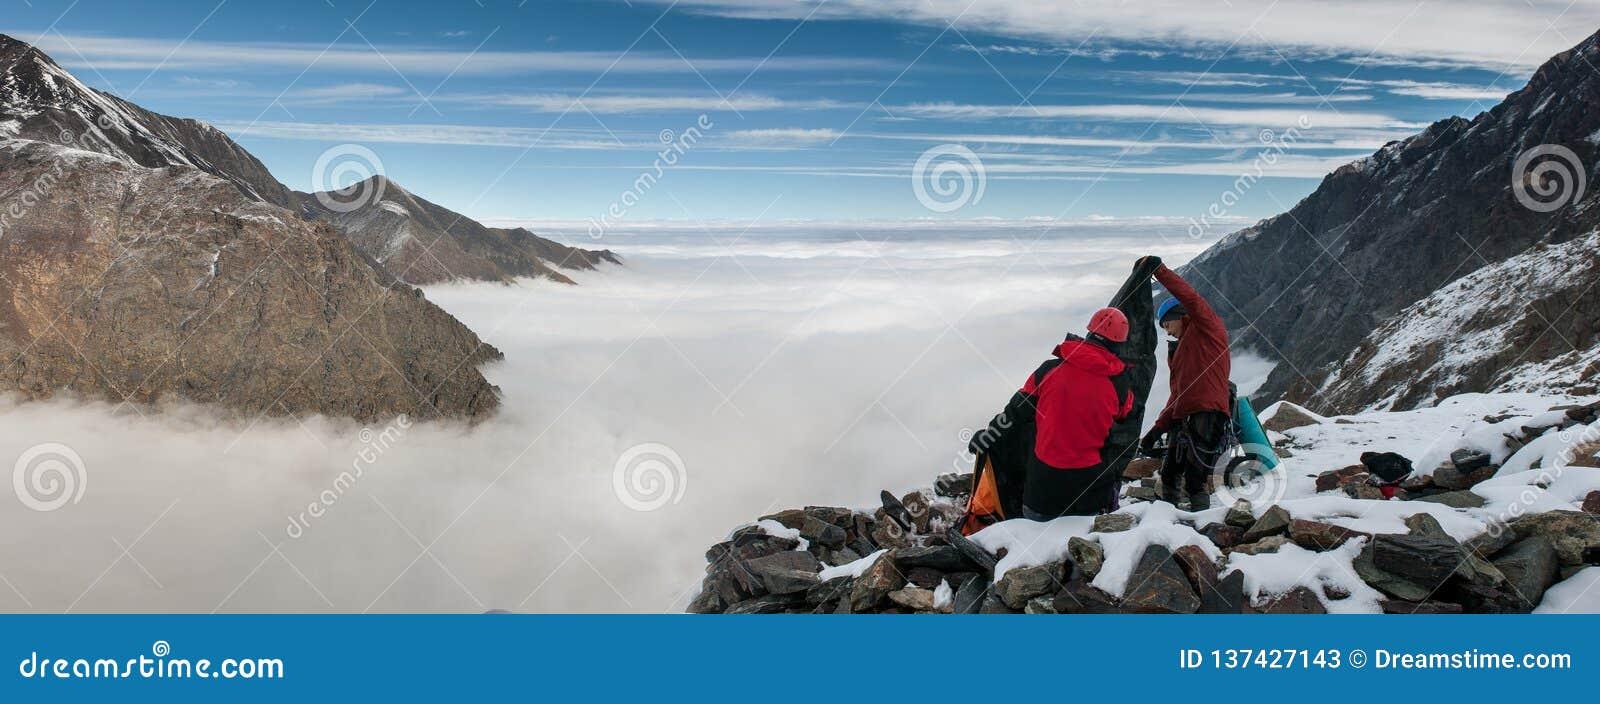 Горы, перемещение, природа, снег, облака